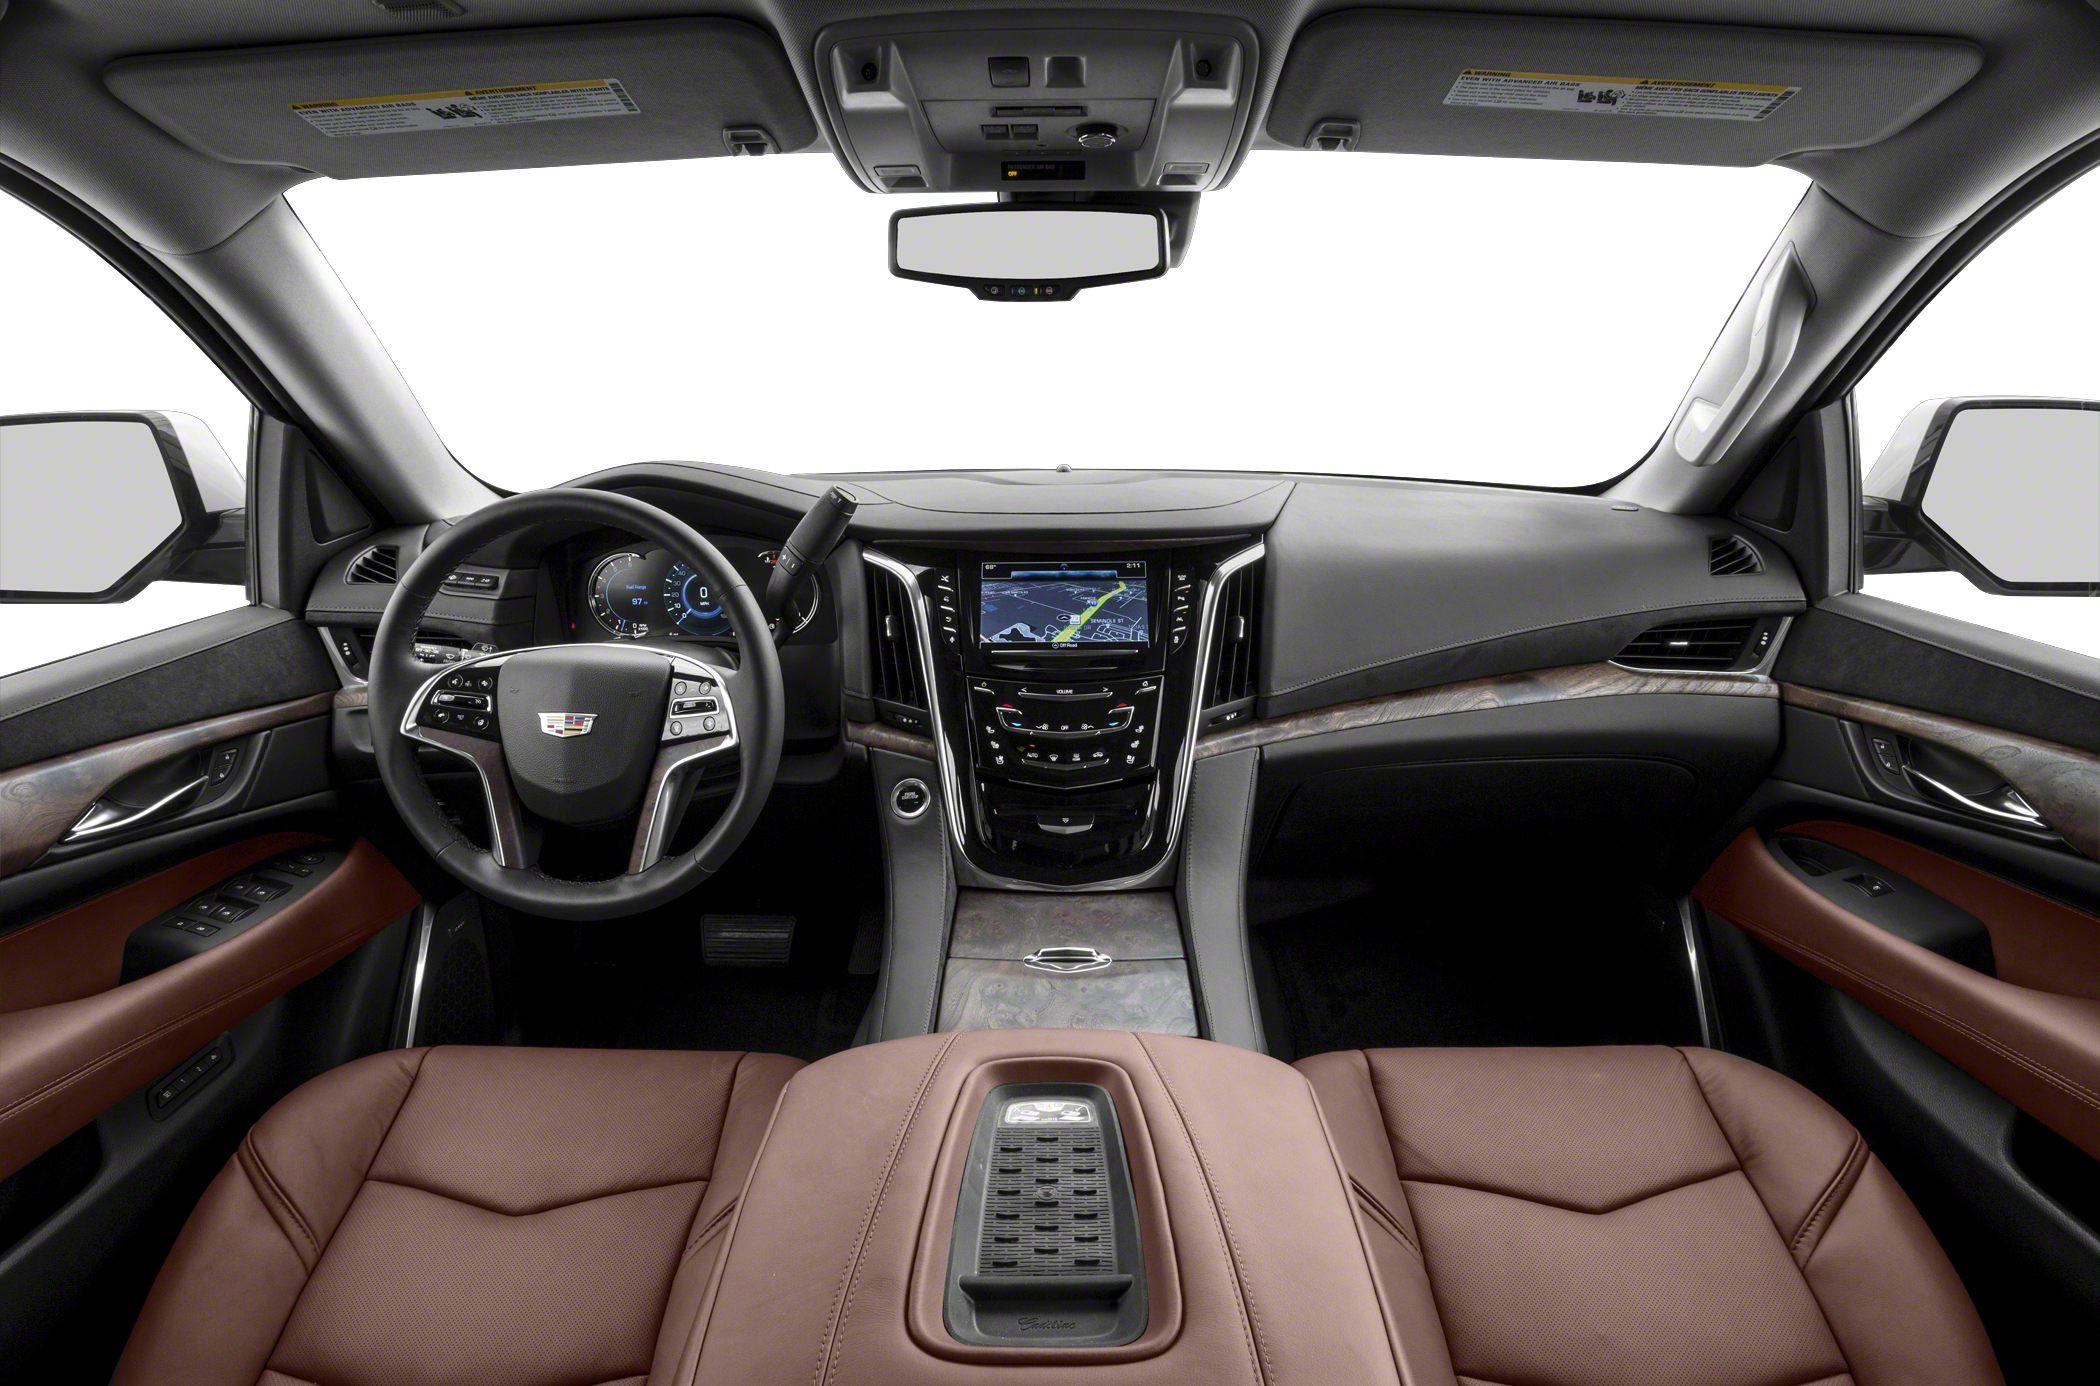 2014 Cadillac Escalade For Sale >> 2017 Cadillac Escalade ESV Reviews, Specs and Prices | Cars.com